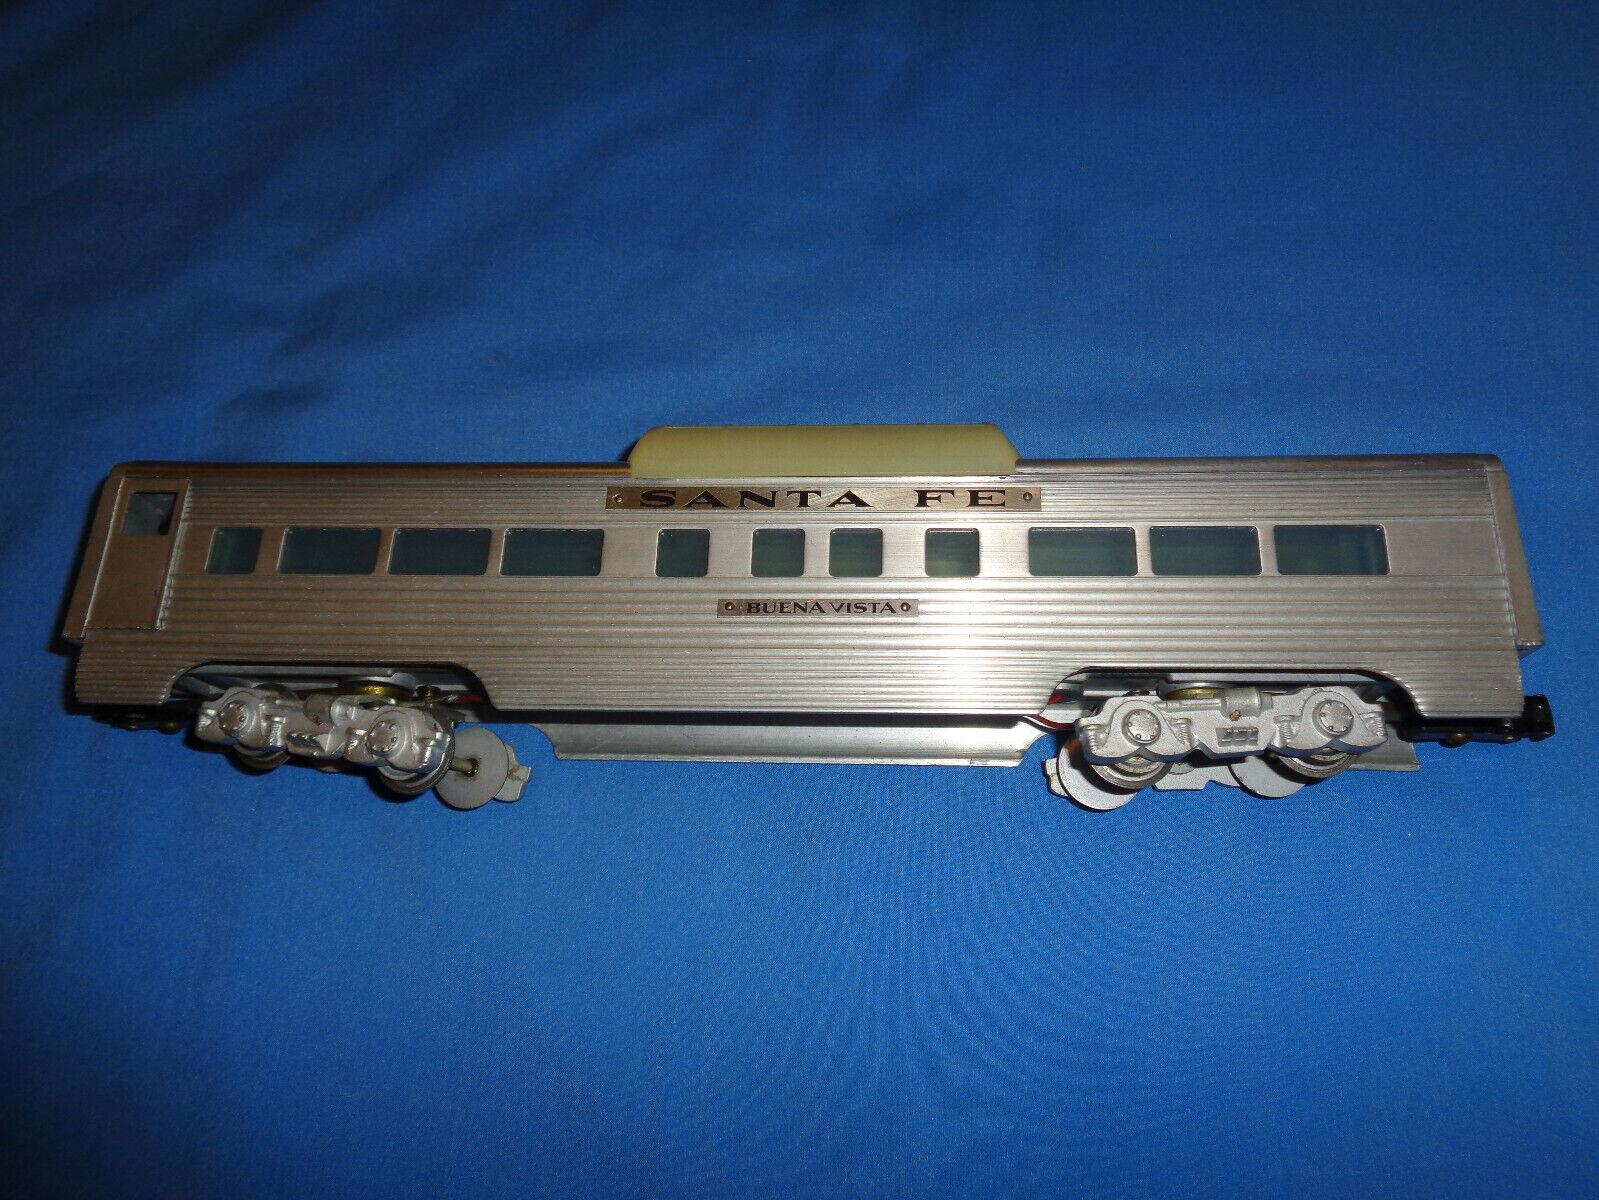 AMT KMT Santa Fe Buena Vista Aluminum Vista Dome Passenger Car